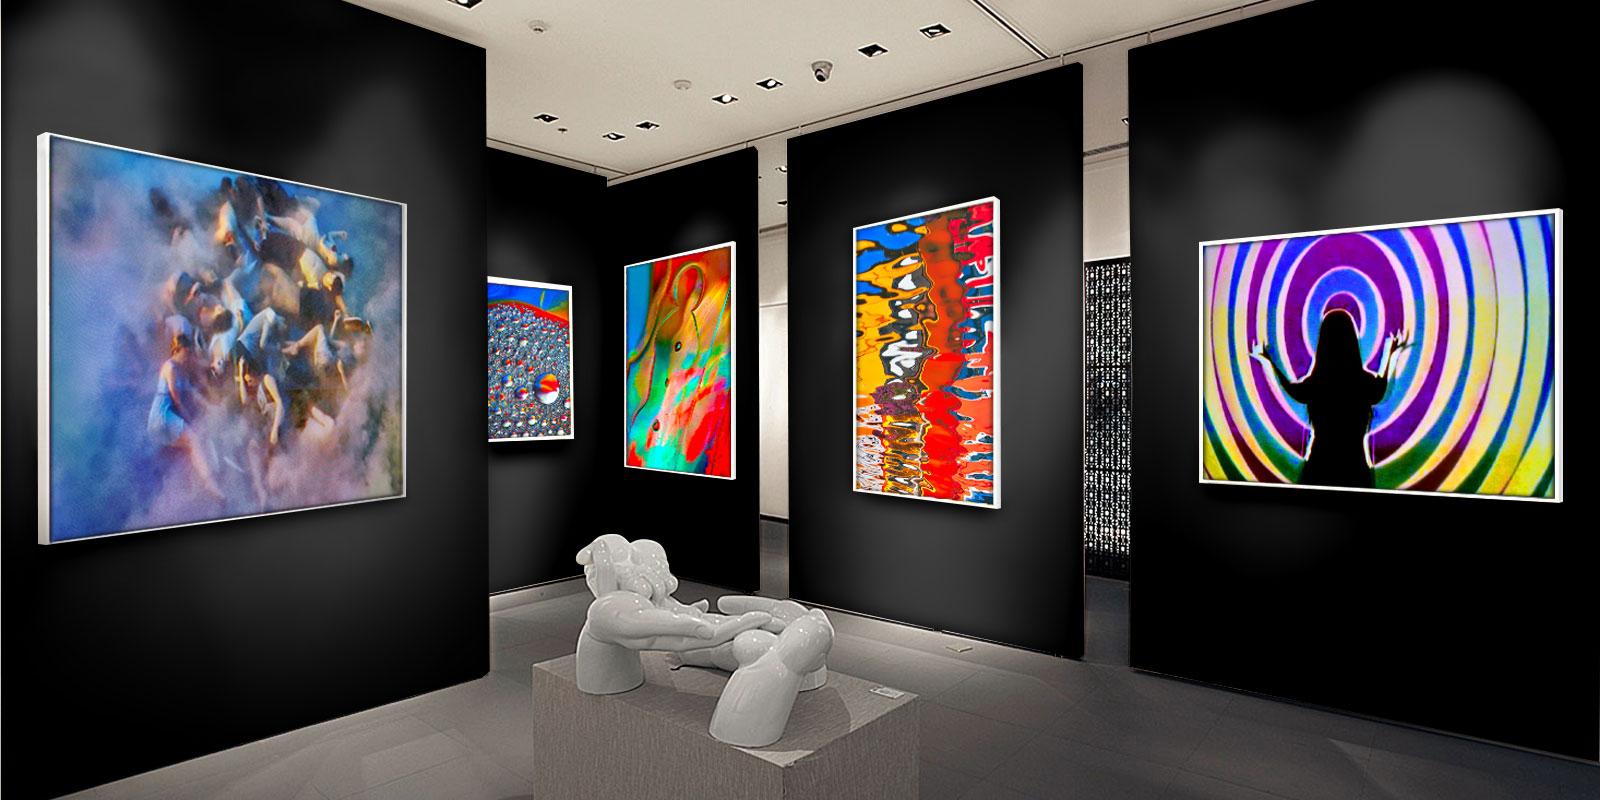 Vendita quadri online quadri moderni quadri astratti su tela - foto artistiche fine art bianco e nero - 2